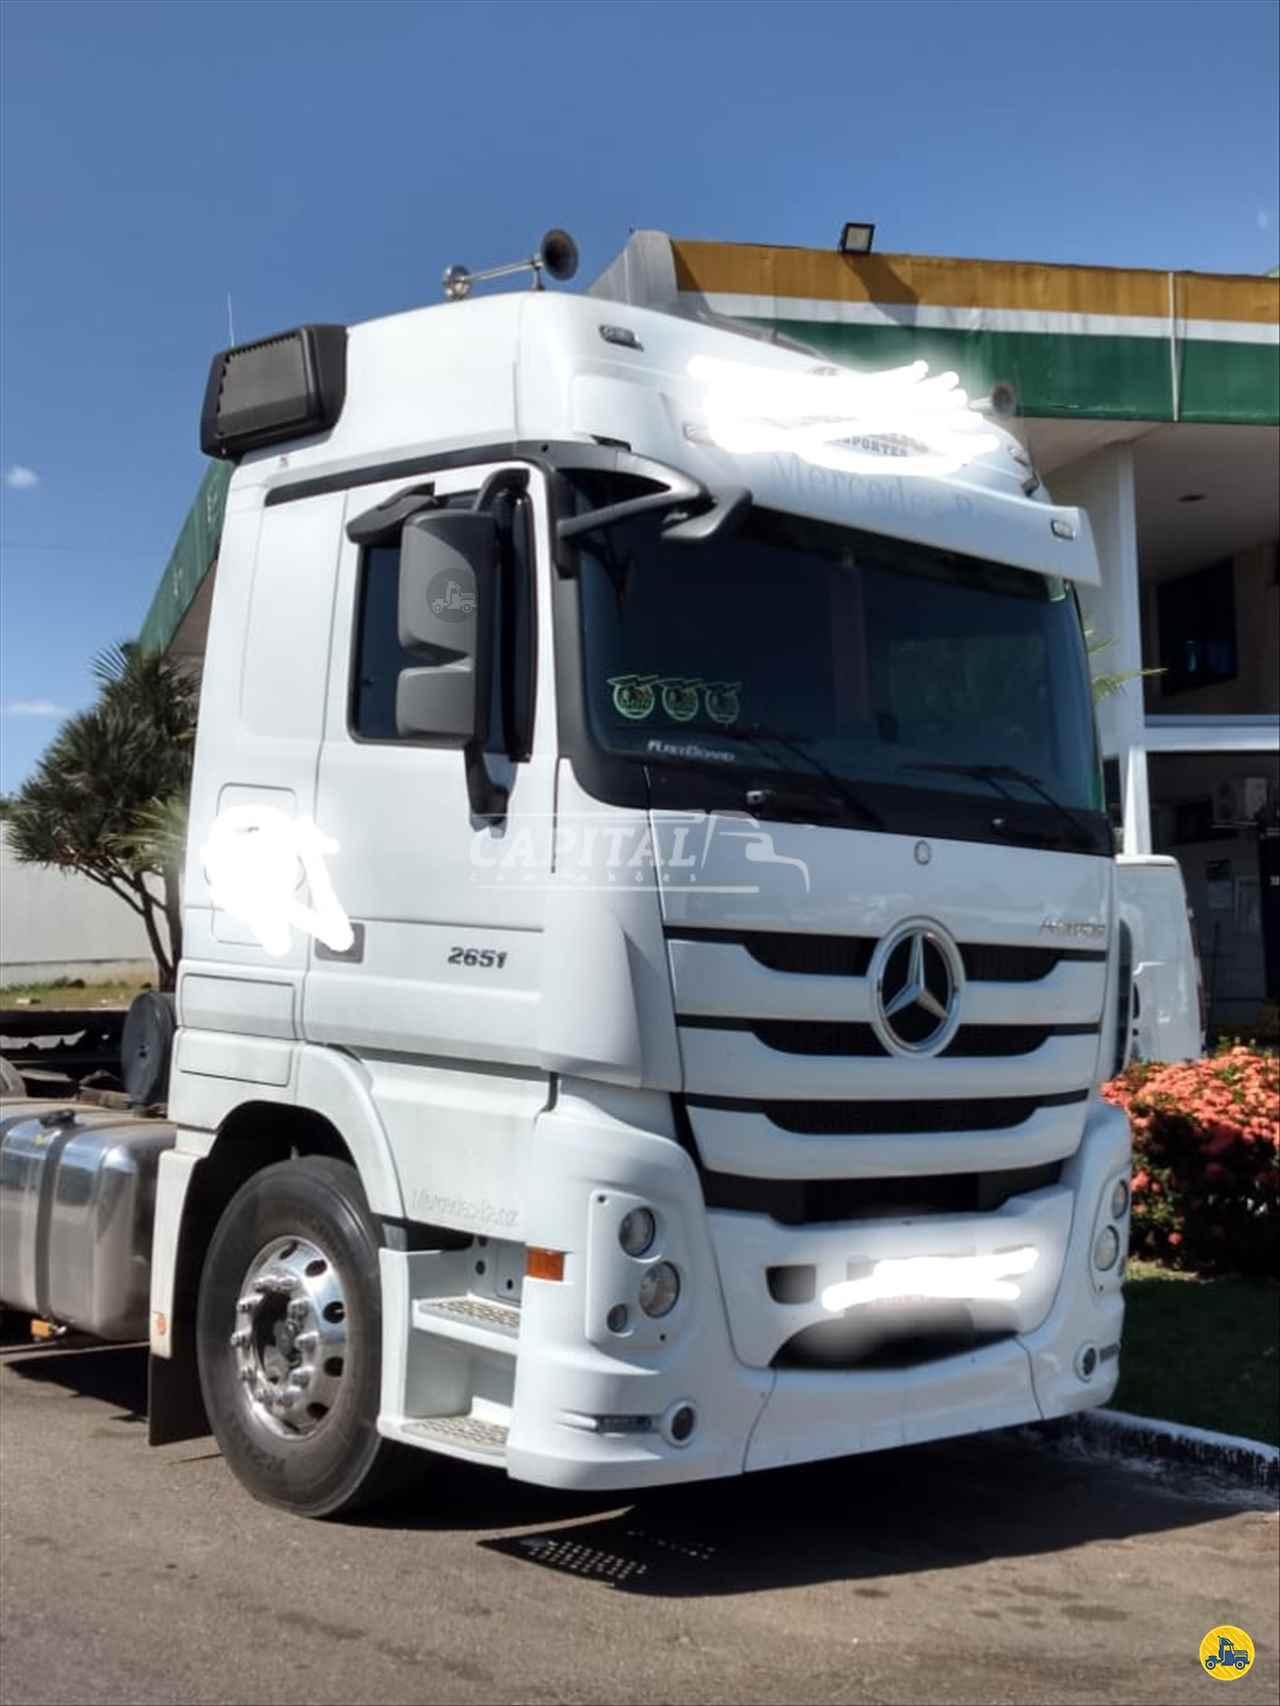 CAMINHAO MERCEDES-BENZ MB 2651 Cavalo Mecânico Traçado 6x4 Capital Caminhões - Metalesp e Recrusul  BRASILIA DISTRITO FEDERAL DF